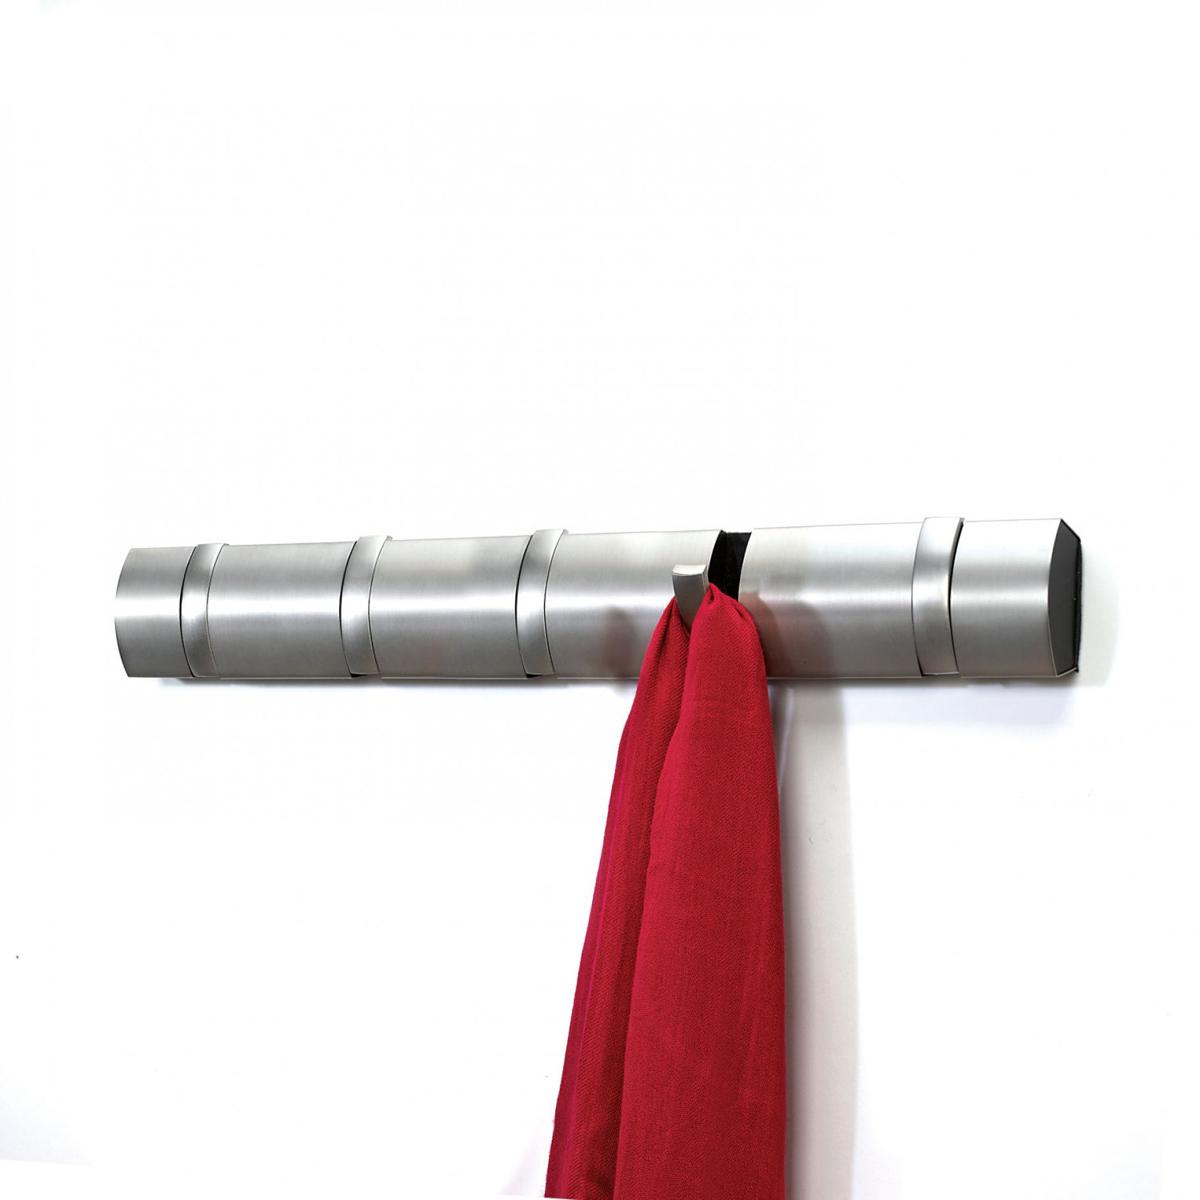 Вешалка настенная Umbra Flip, цвет: стальной, 5 крючков. 318852-410318852-410Стильная и прочная вешалка Umbra Flip интересной формы и оригинального дизайна изготовлена из прочного пластика и металла. Имеет 5 откидных крючков из никеля: когда они не используются, то складываются, превращая конструкцию в абсолютно гладкую поверхность. Вешалка Umbra Flip идеально подходит для маленьких прихожих и ограниченных пространств.Каждый крючок выдерживает вес до 2,3 кг. Размер вешалки: 51 см х 5,5 см х 2 см.